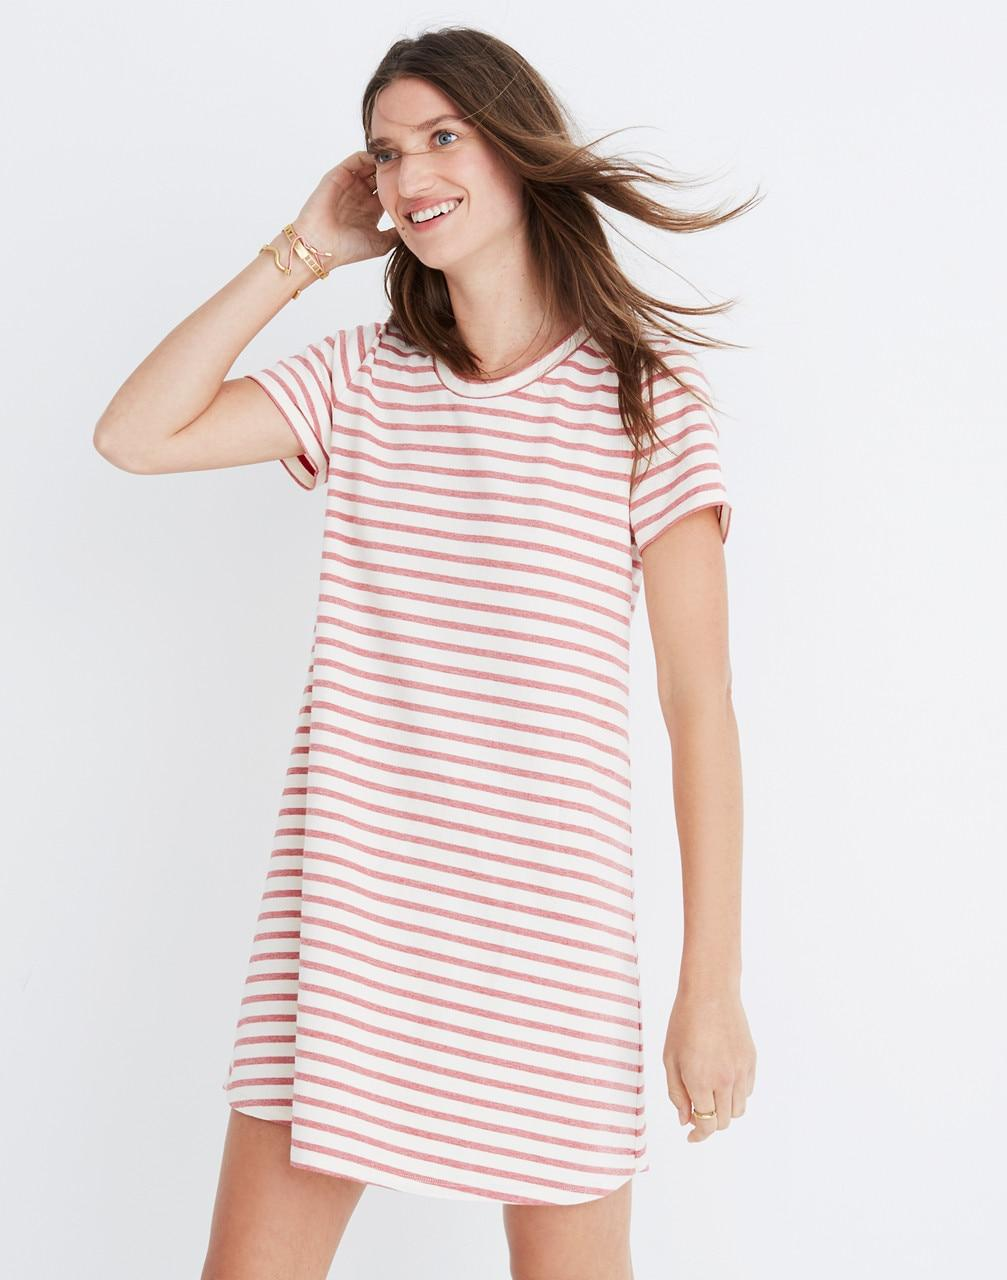 774f82561f Madewell. Women s Striped Retreat Dress